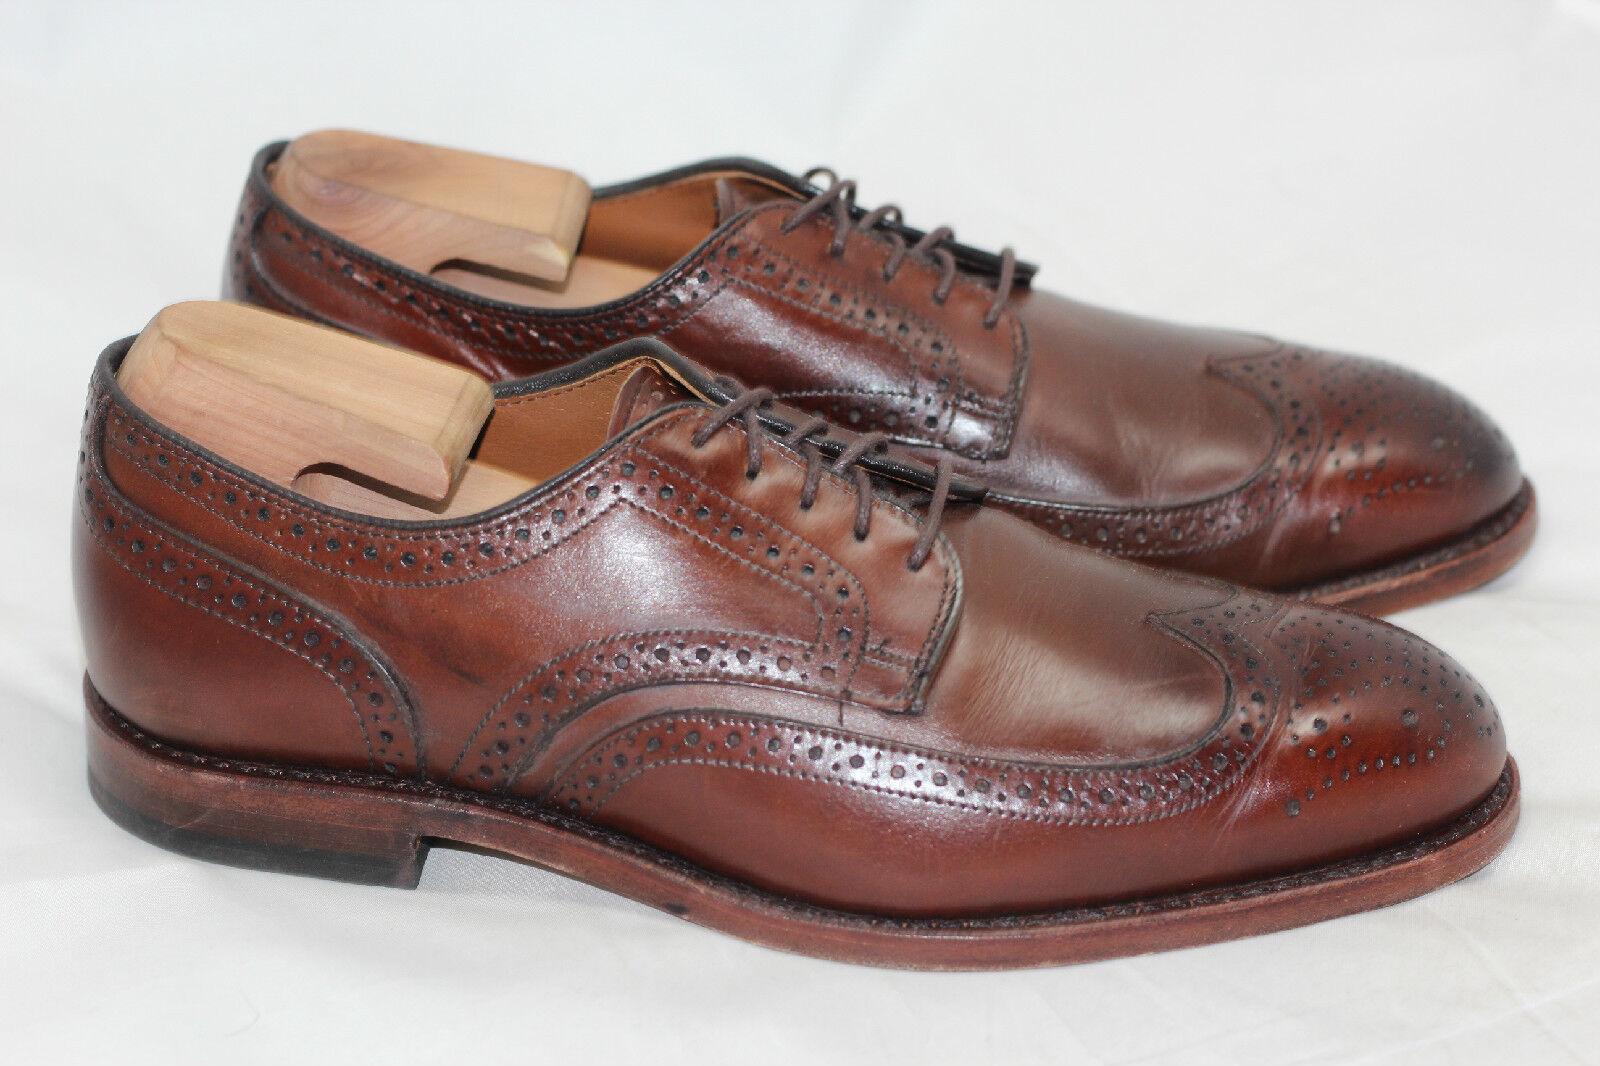 Allen Edmonds 'Madison Park' Wingtip Oxfords - Brown - Size 9 3E (W65)